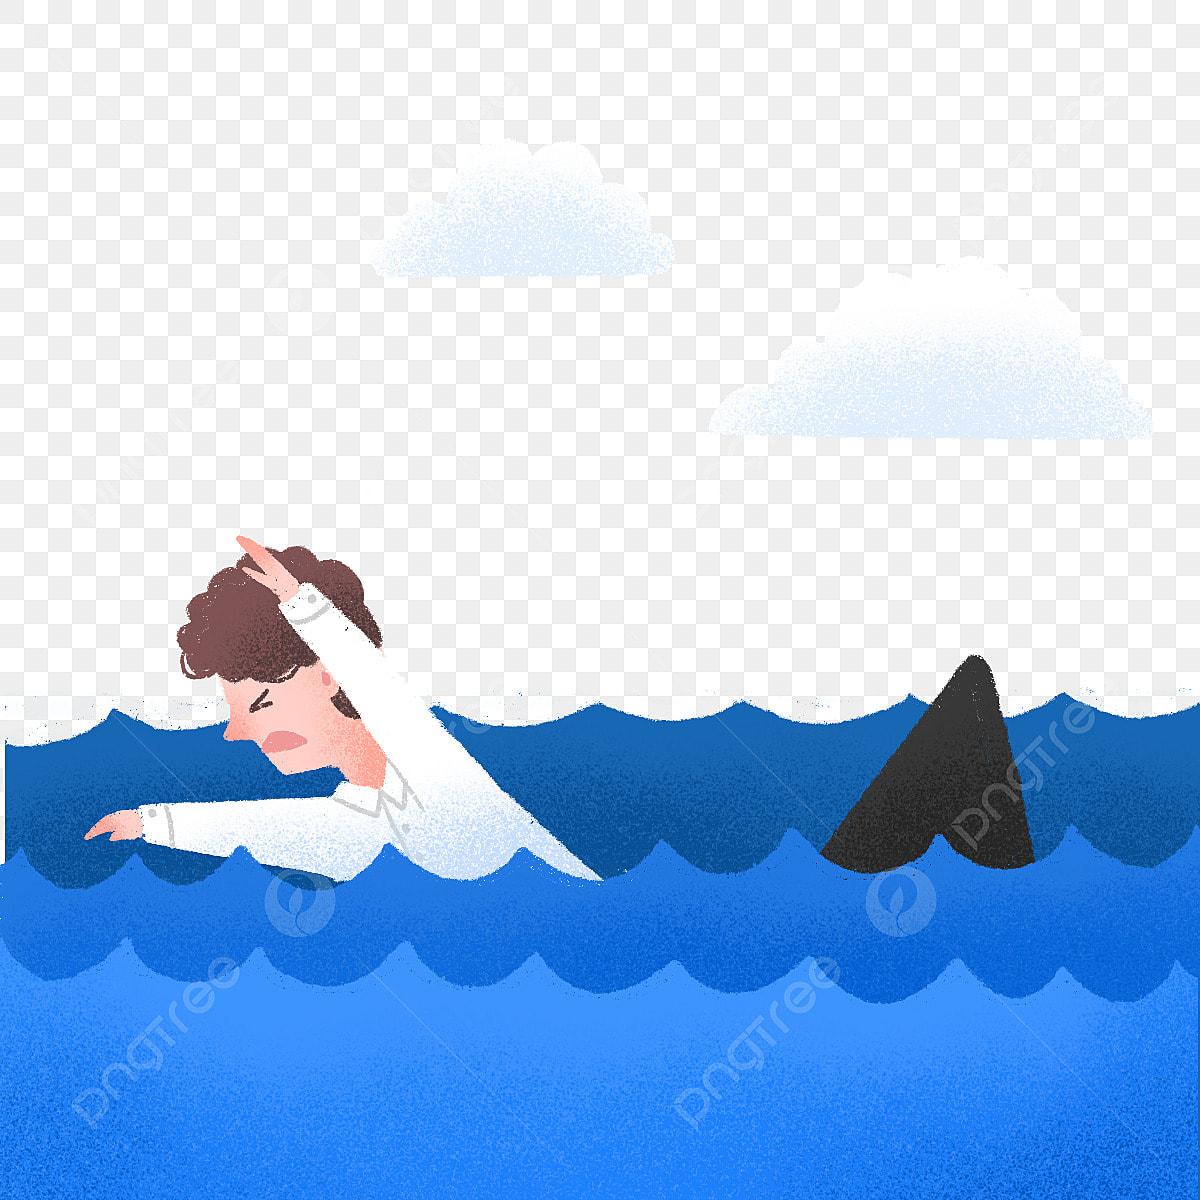 وضع اليد لطيف رجل يسبح في البحر قرش مرسومة باليد جذاب Png وملف Psd للتحميل مجانا